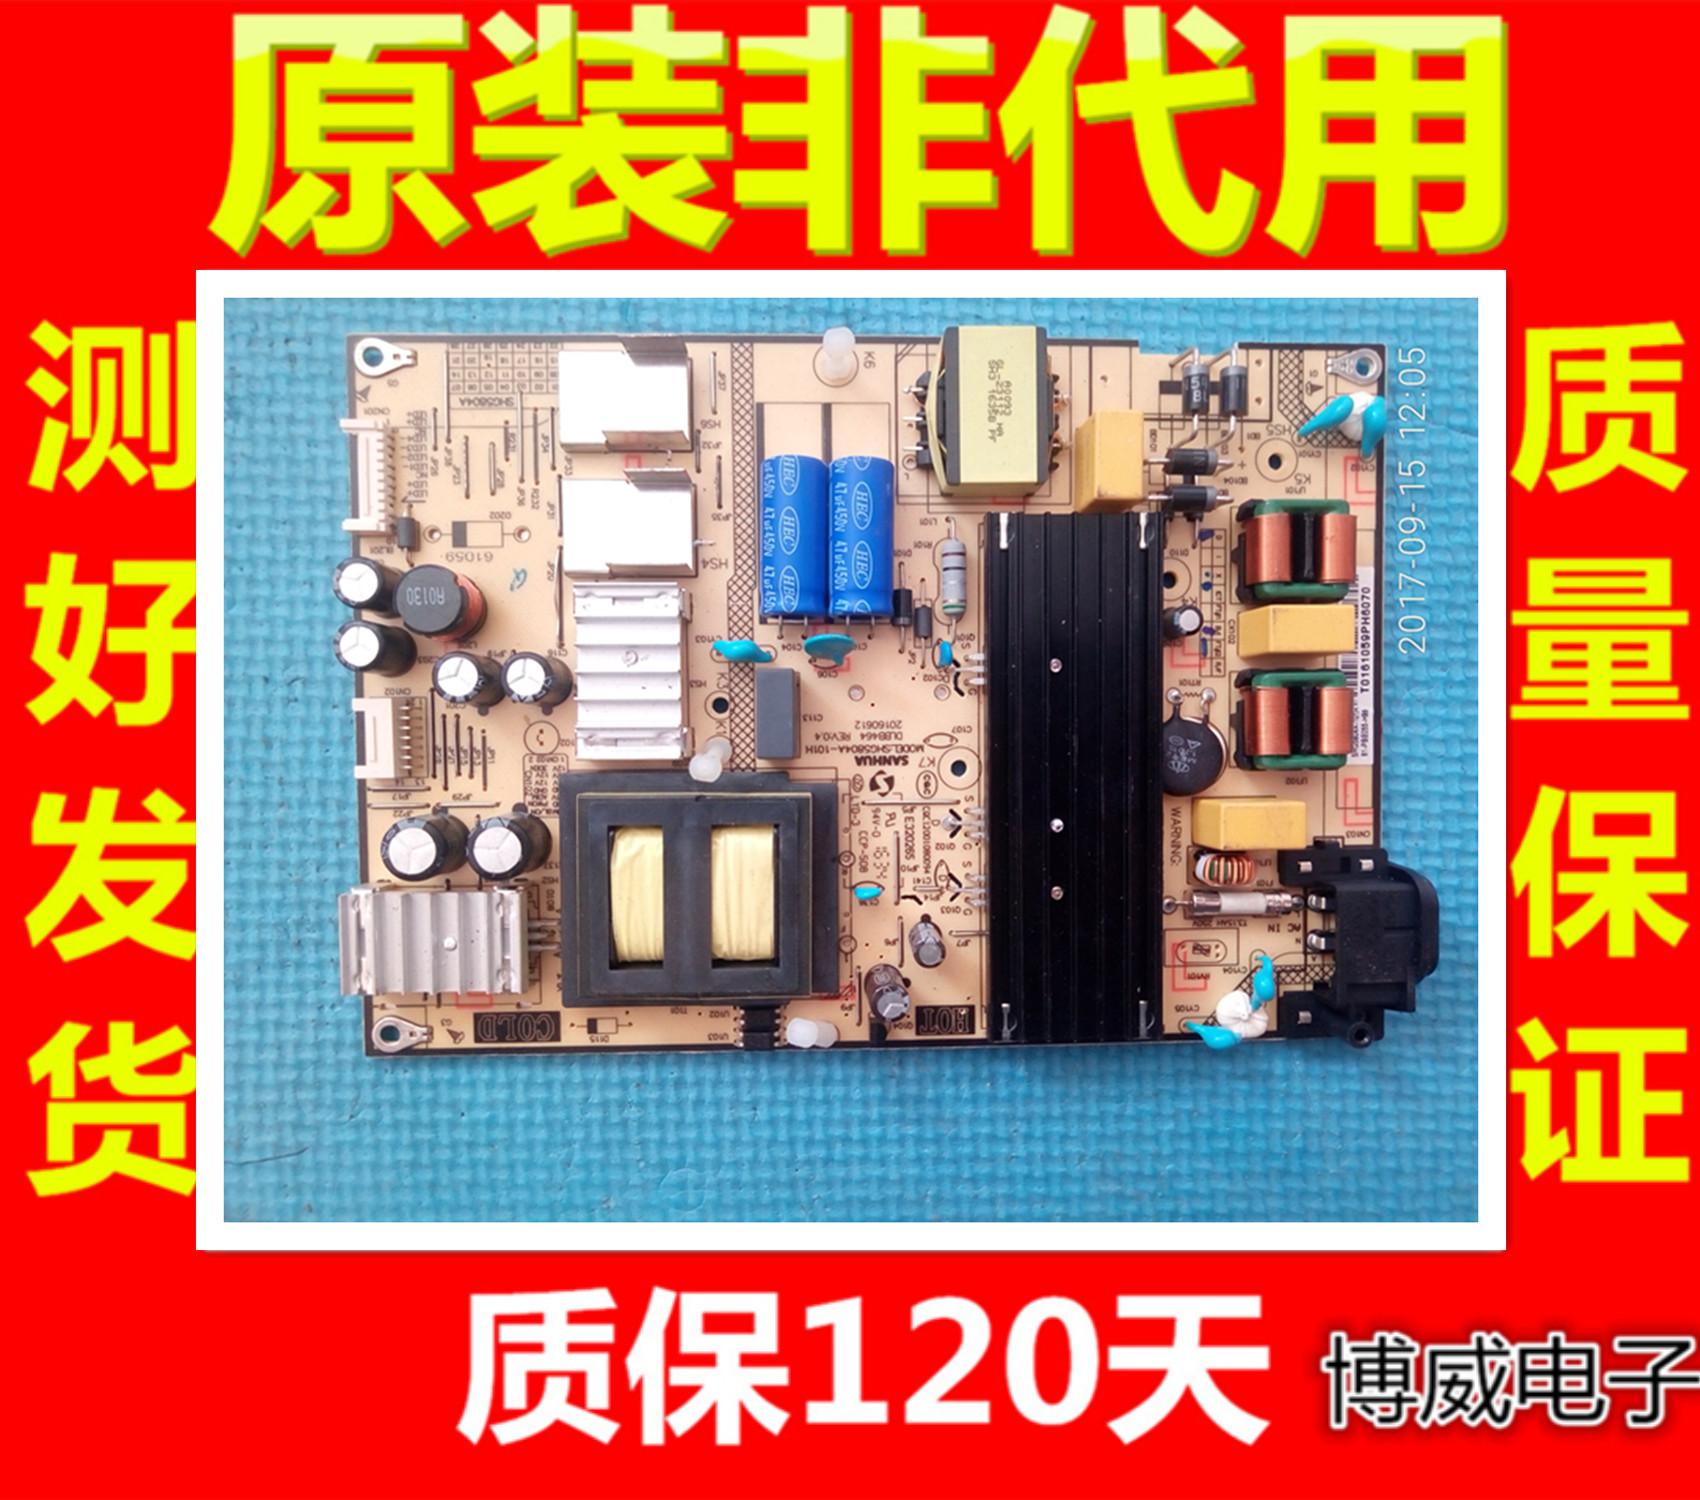 TCLL49P1A-F49 치 액정 지능 텔레비전 전원 부스터 고압 역광 보통 흐름 패널 LY1427+